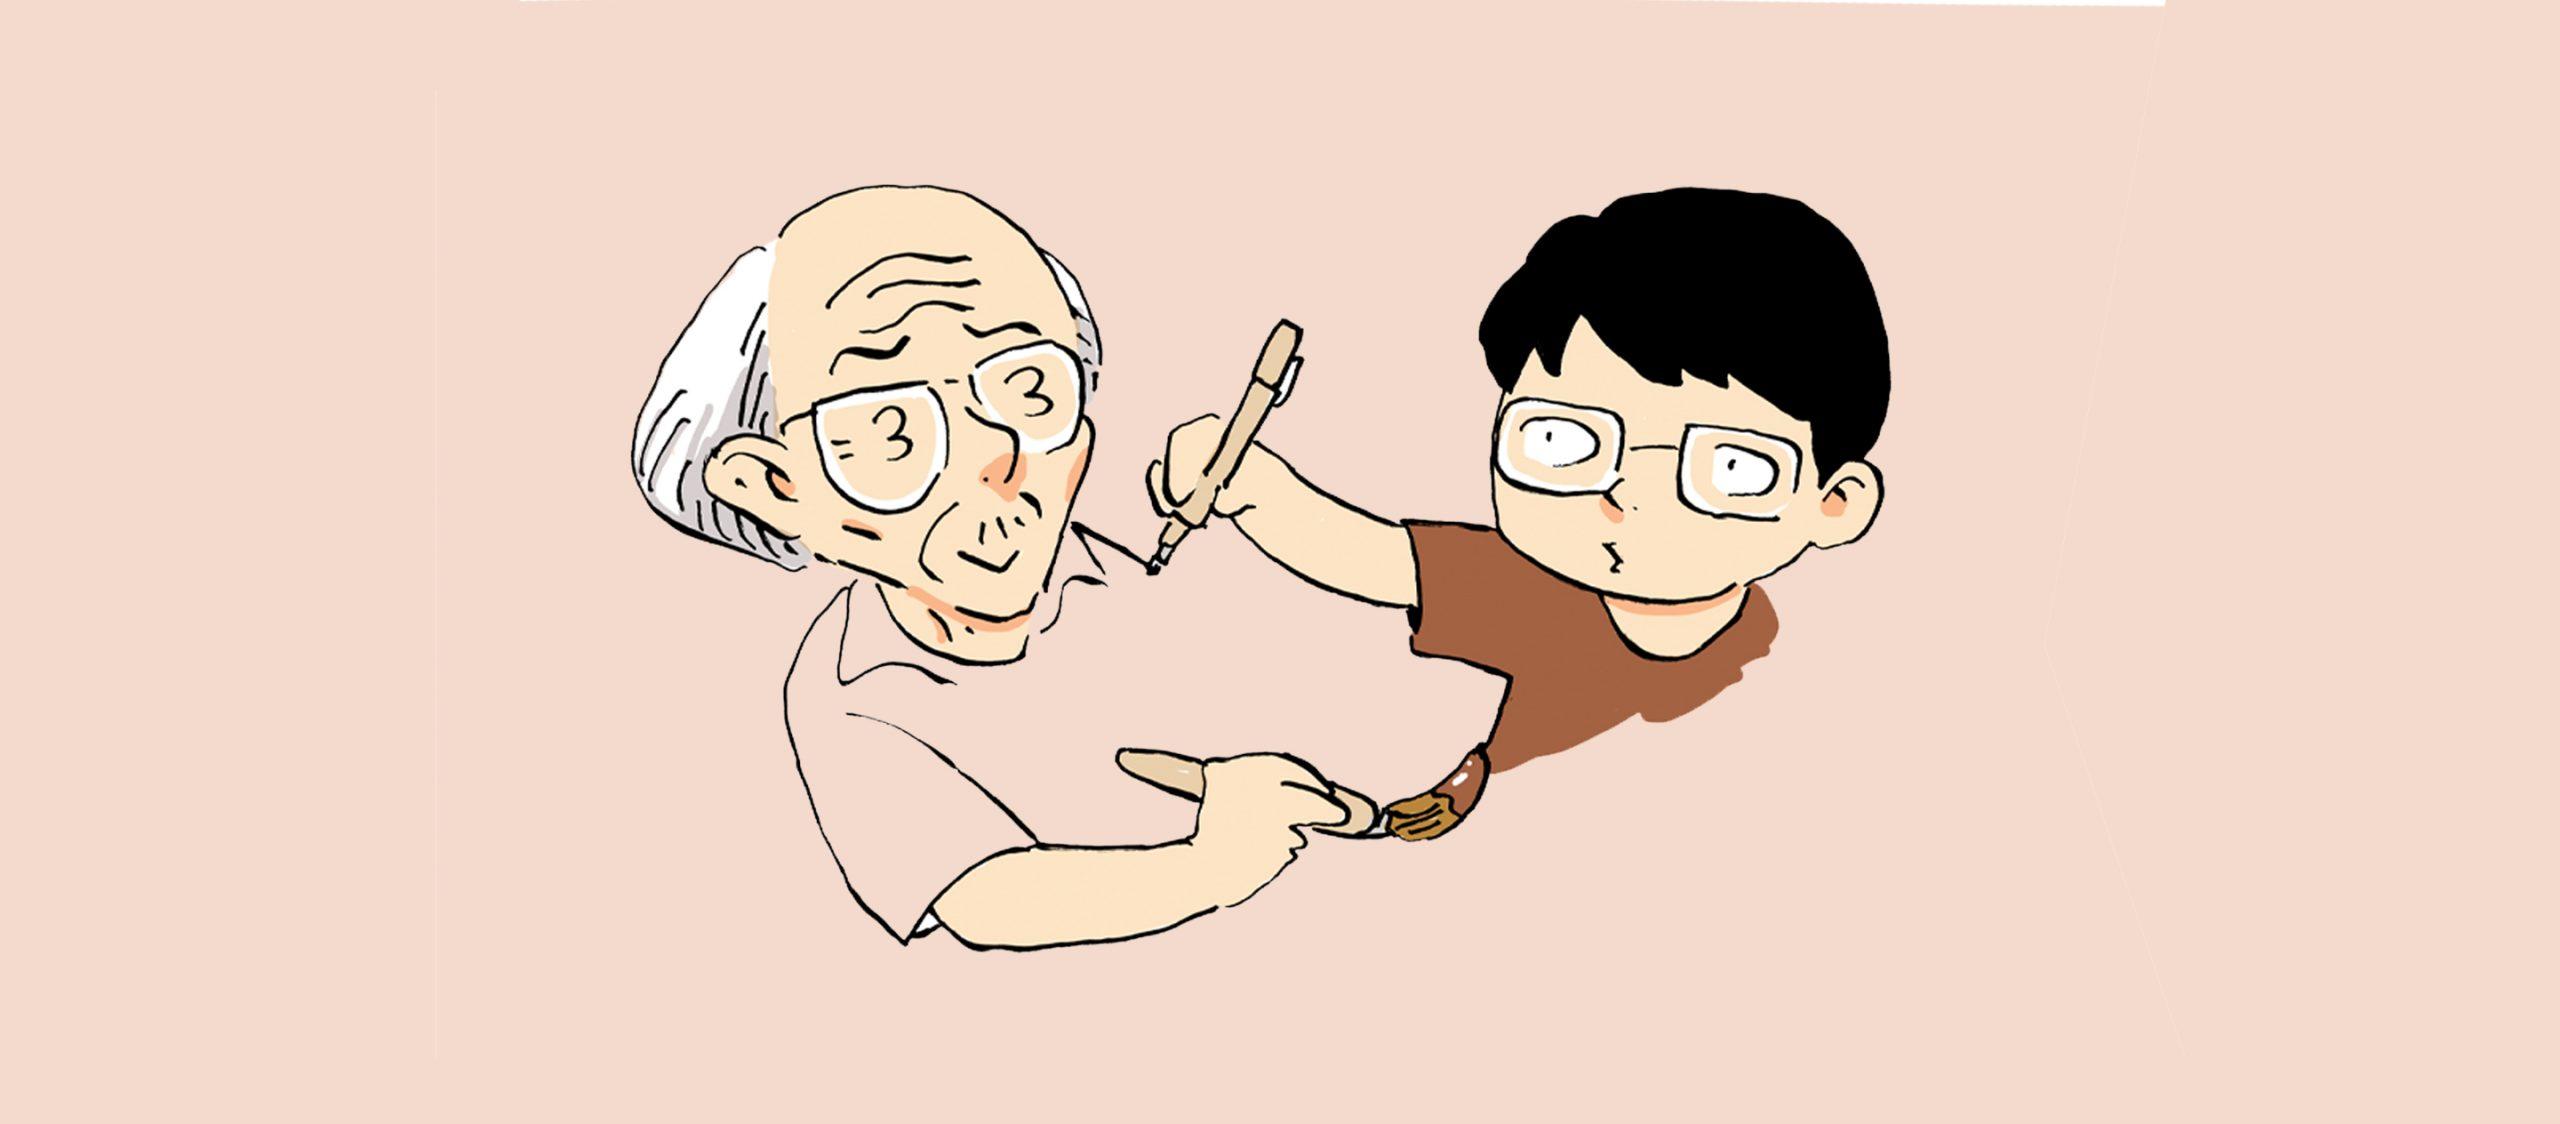 ฝันของชาร์ลี เฉิน ฮก ไฉ่ นักวาดสิงคโปร์ที่เขียนการ์ตูนต่อต้านเผด็จการจนวันตาย